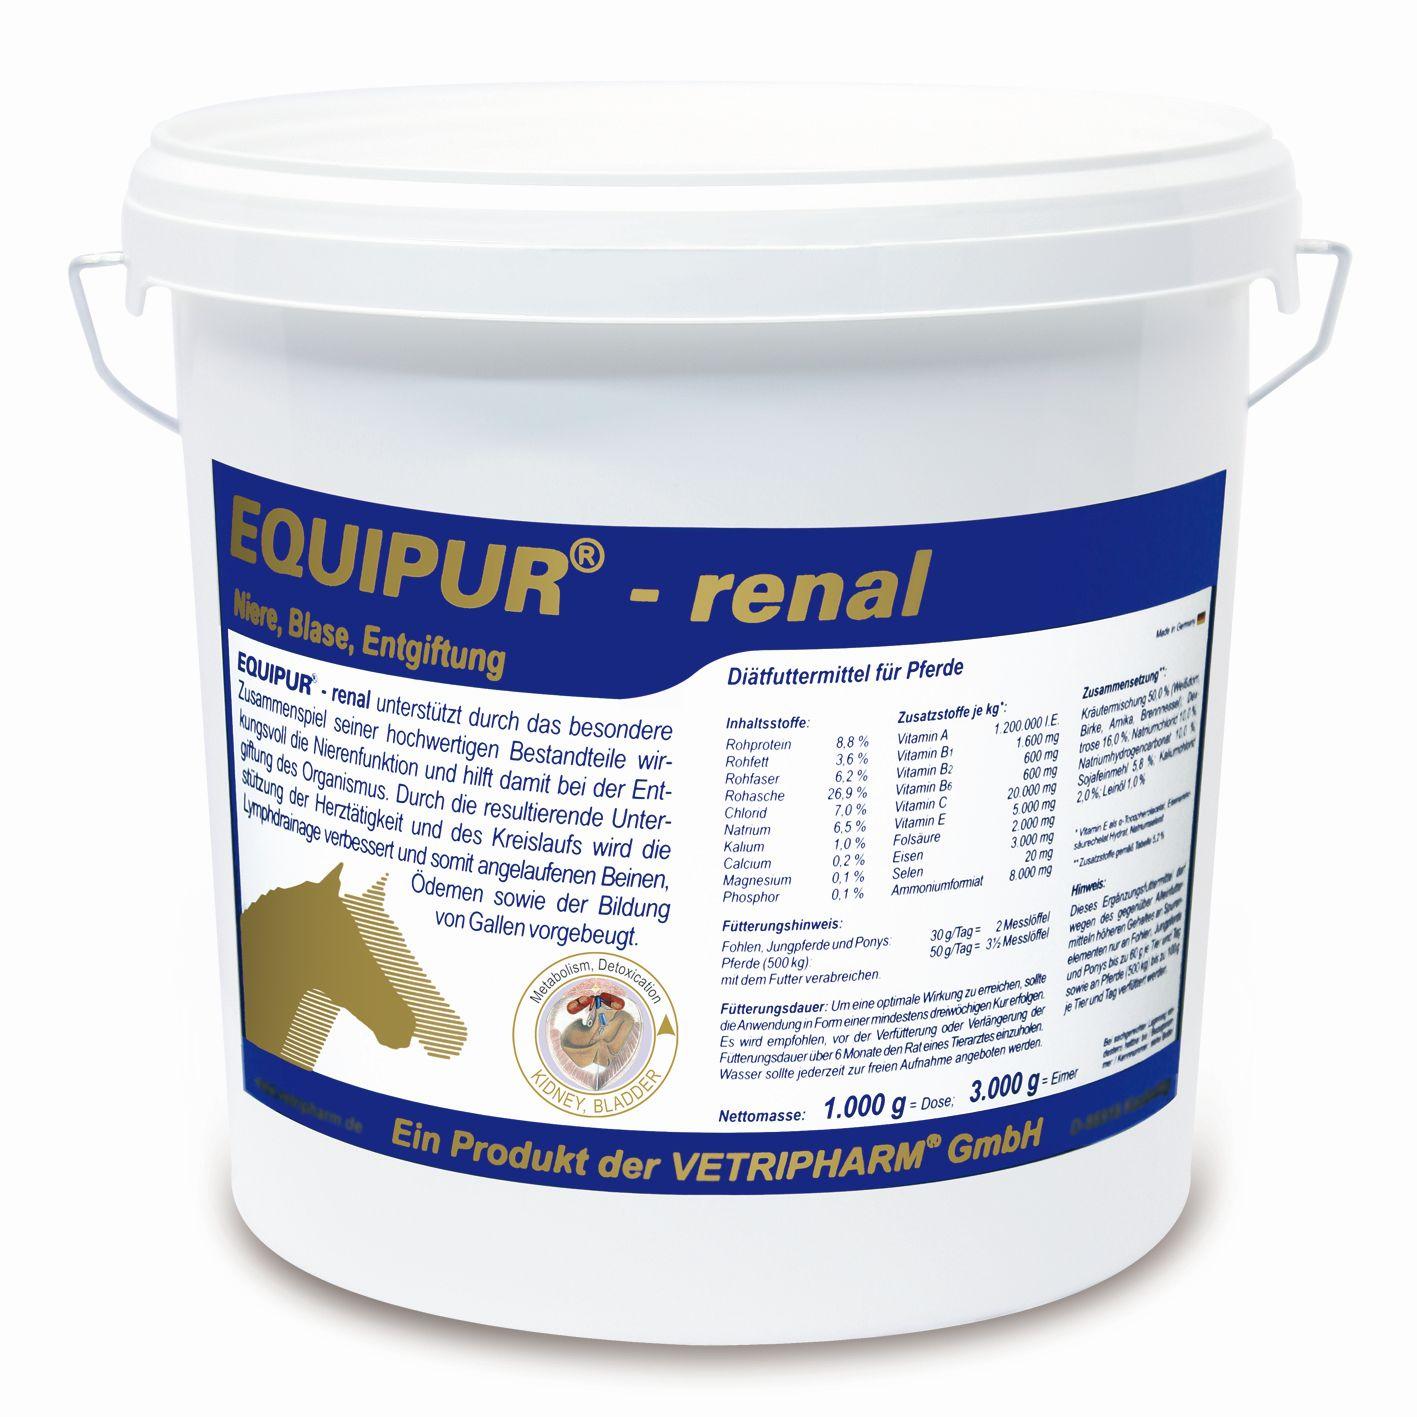 Vetripharm Equipur renal